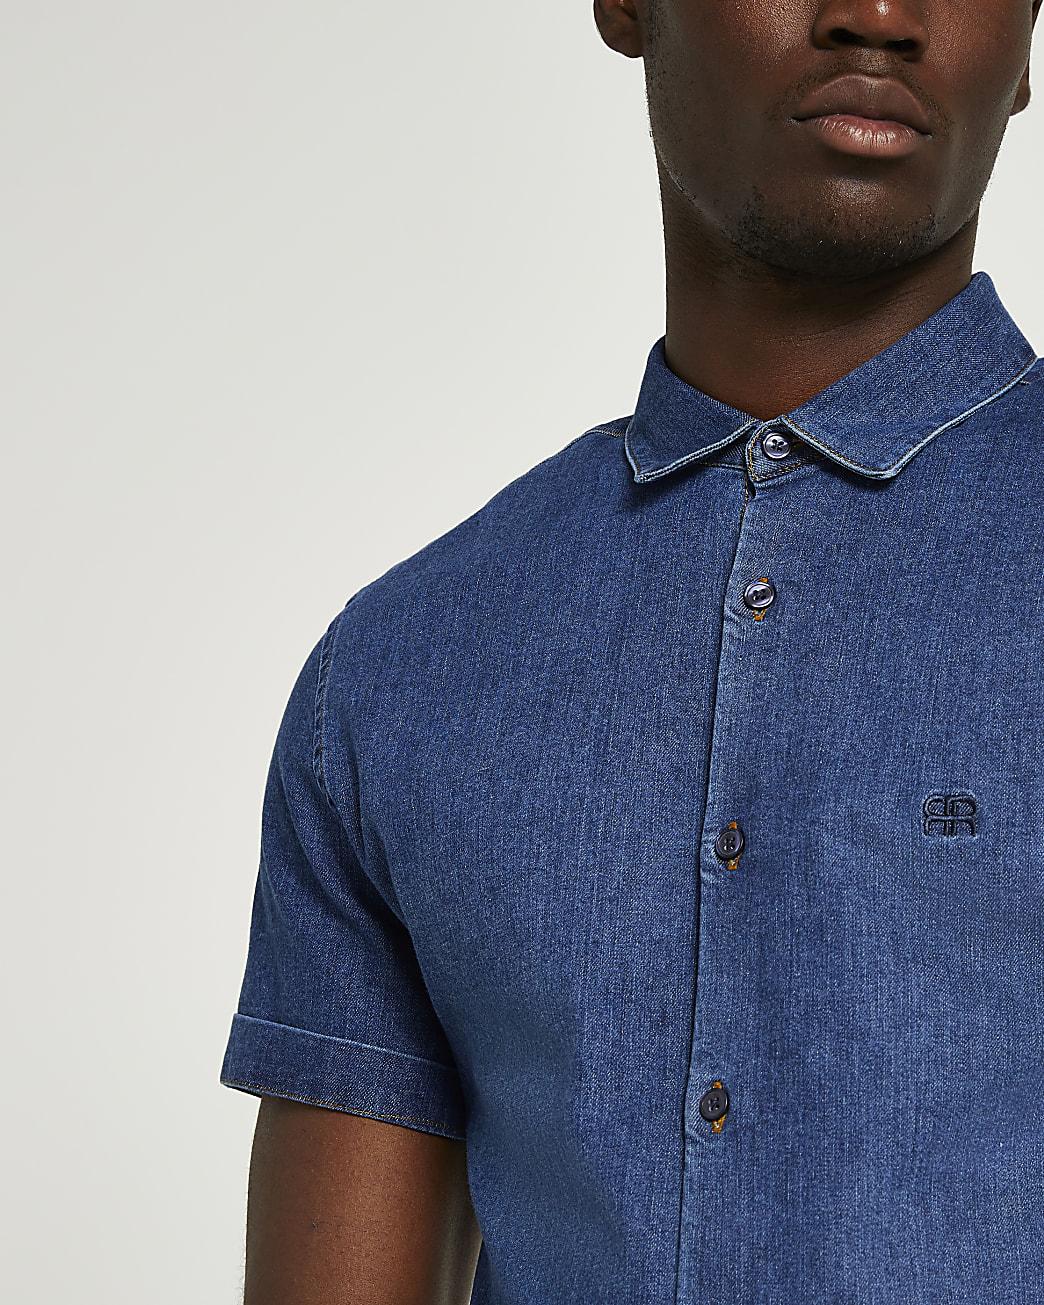 Blue RR muscle fit short sleeve denim shirt